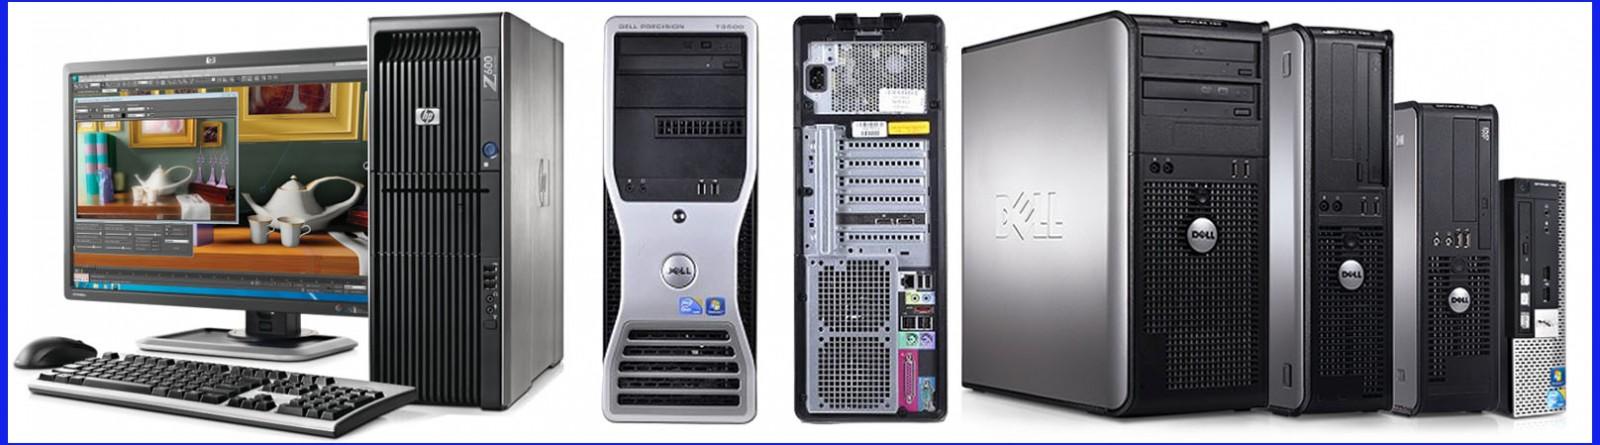 Sarom Computer